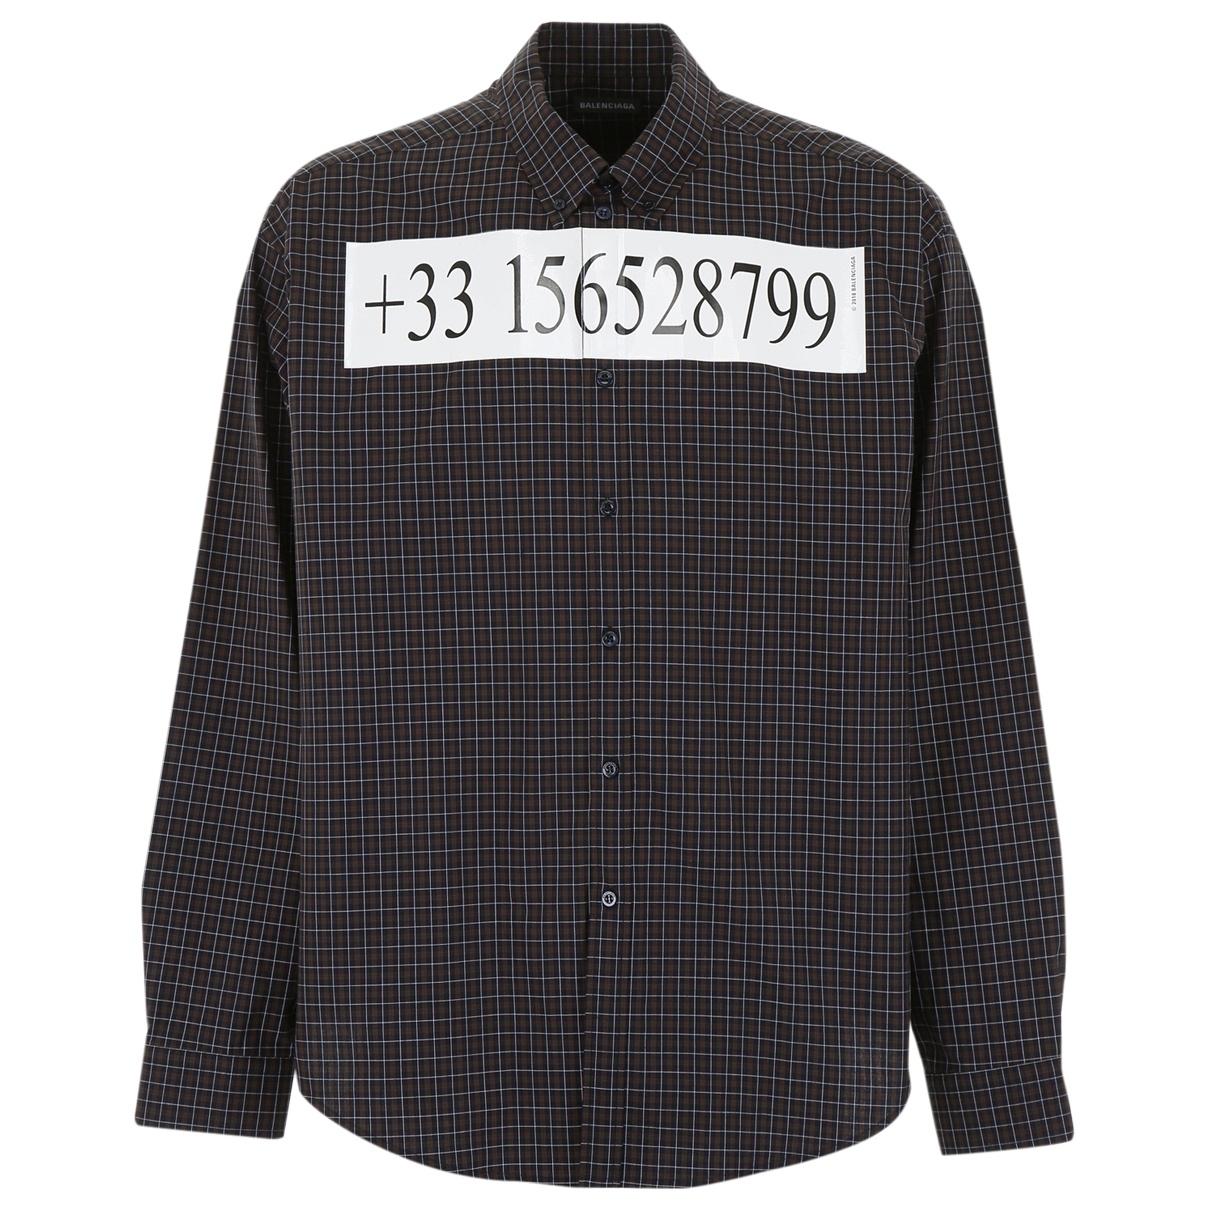 Balenciaga \N Cotton Shirts for Men 37 EU (tour de cou / collar)